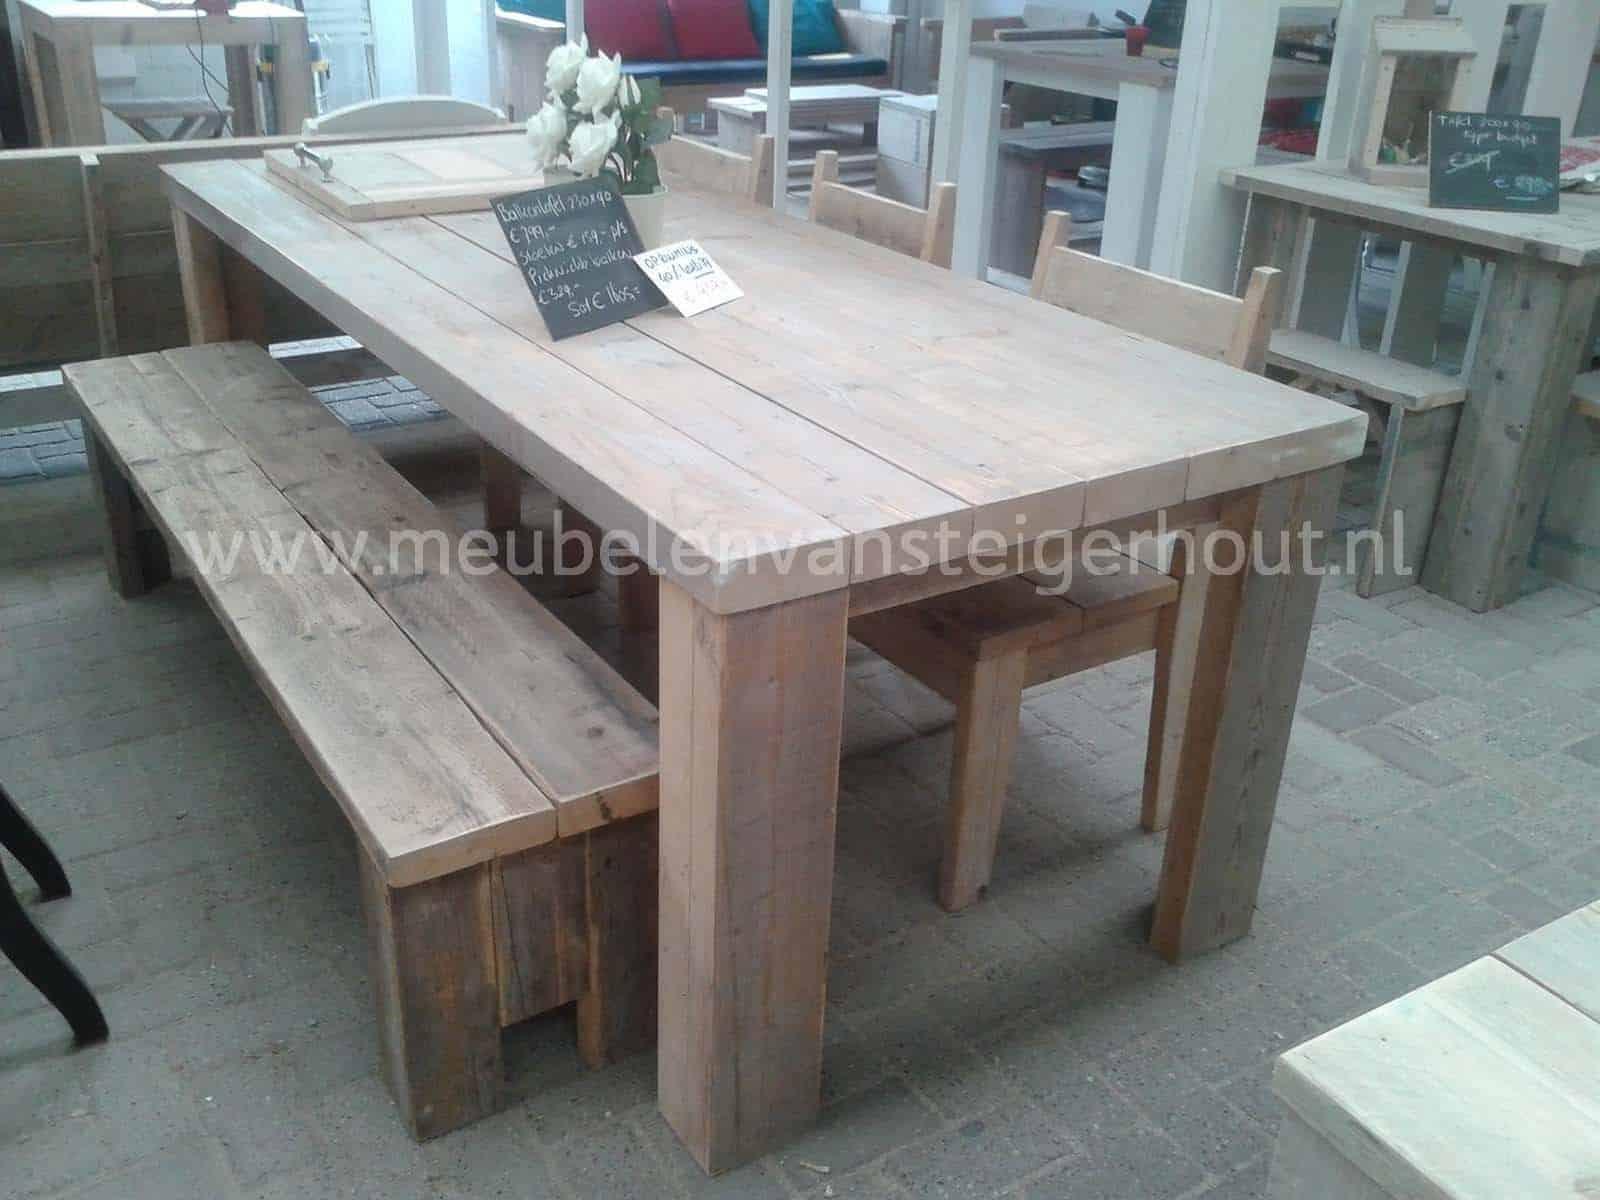 Tuintafel steigerbalken meubelen van steigerhout for Zelf tuintafel maken van steigerhout